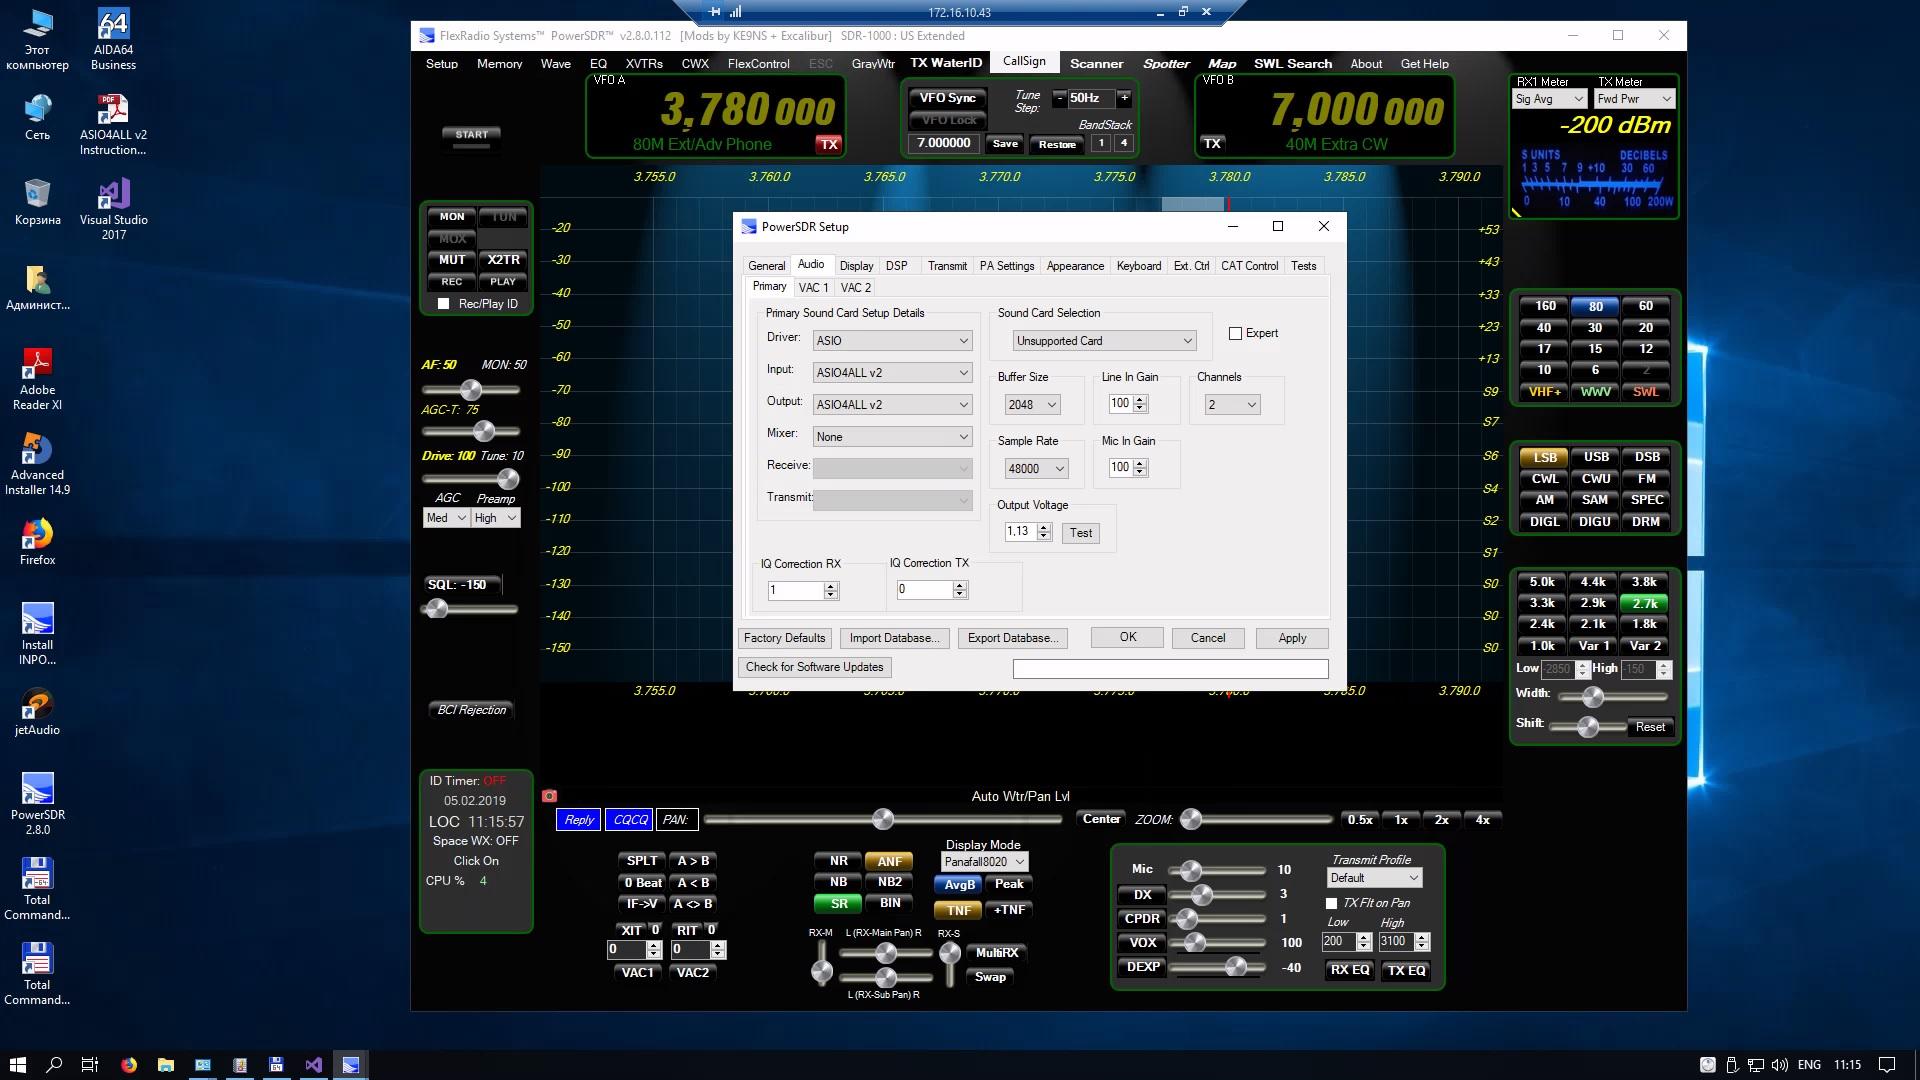 Настройка звуковой карты » POWERSDR 2 8 SDR-1000